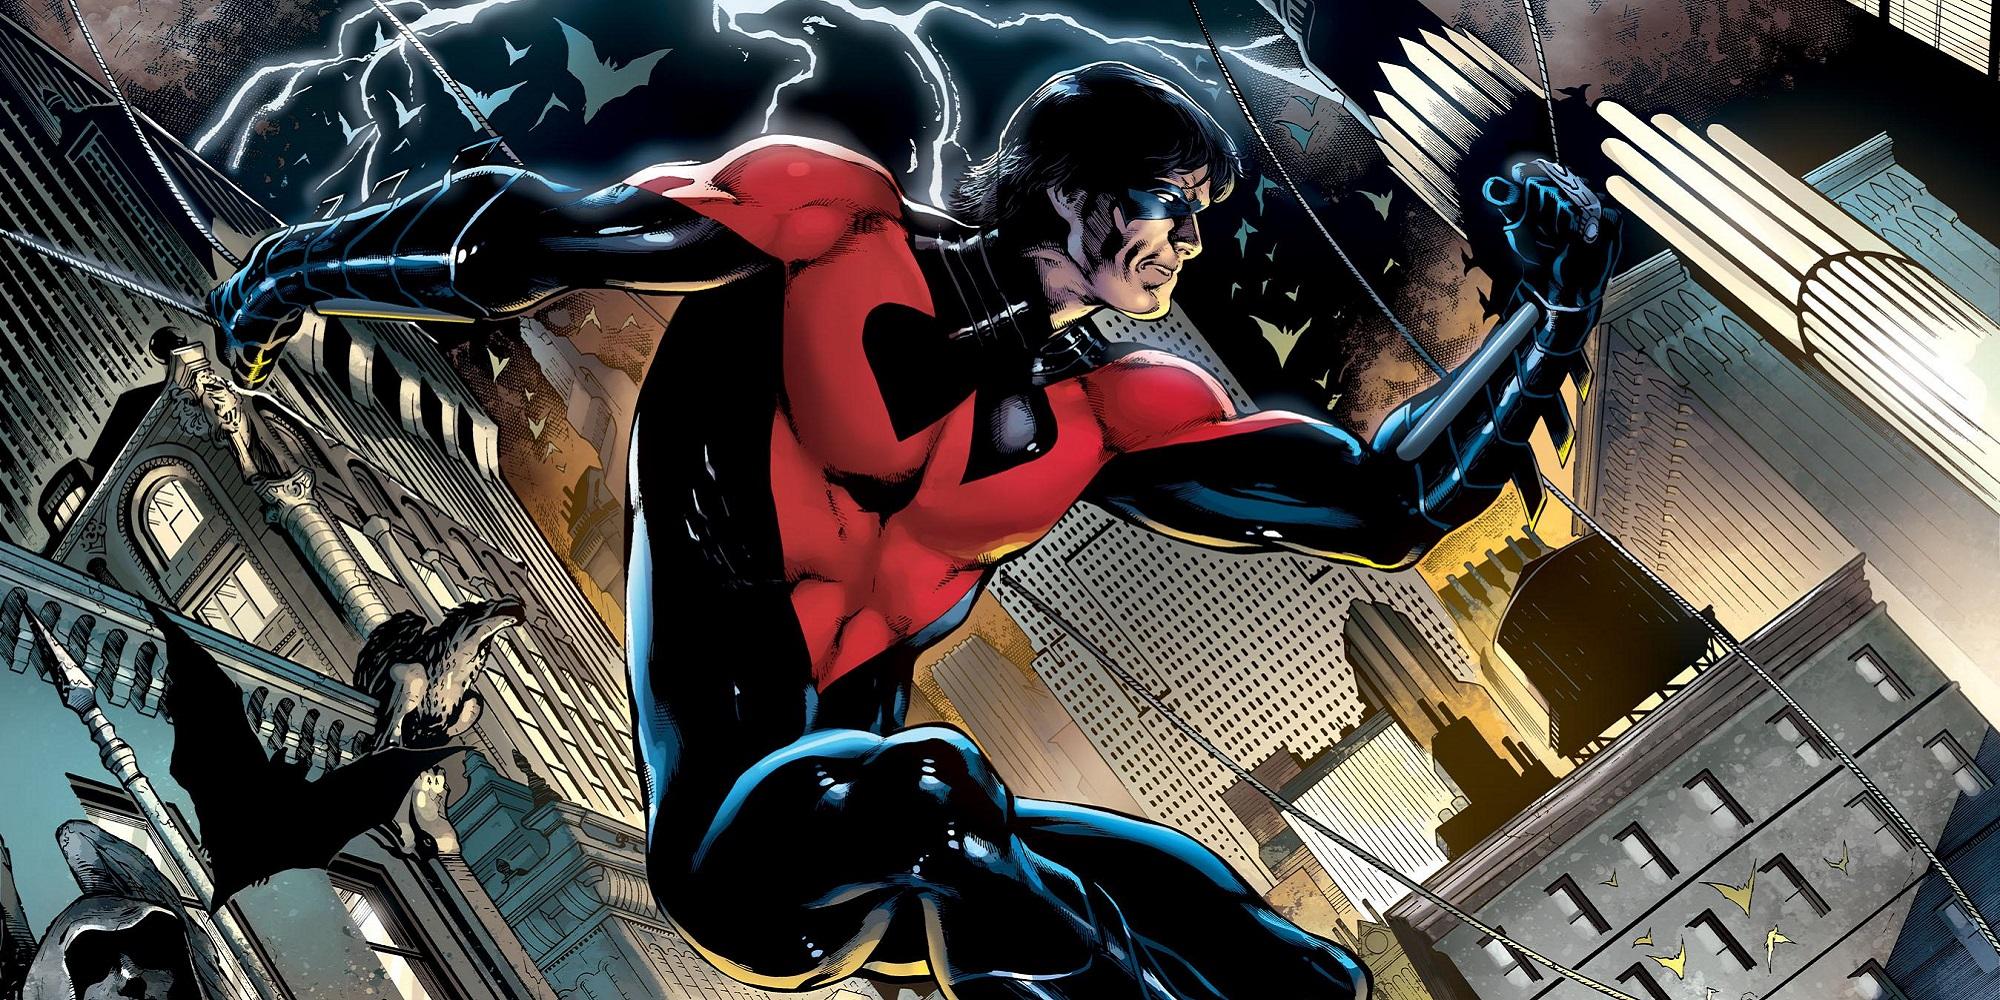 15 legendary superheroes who started out as sidekicks